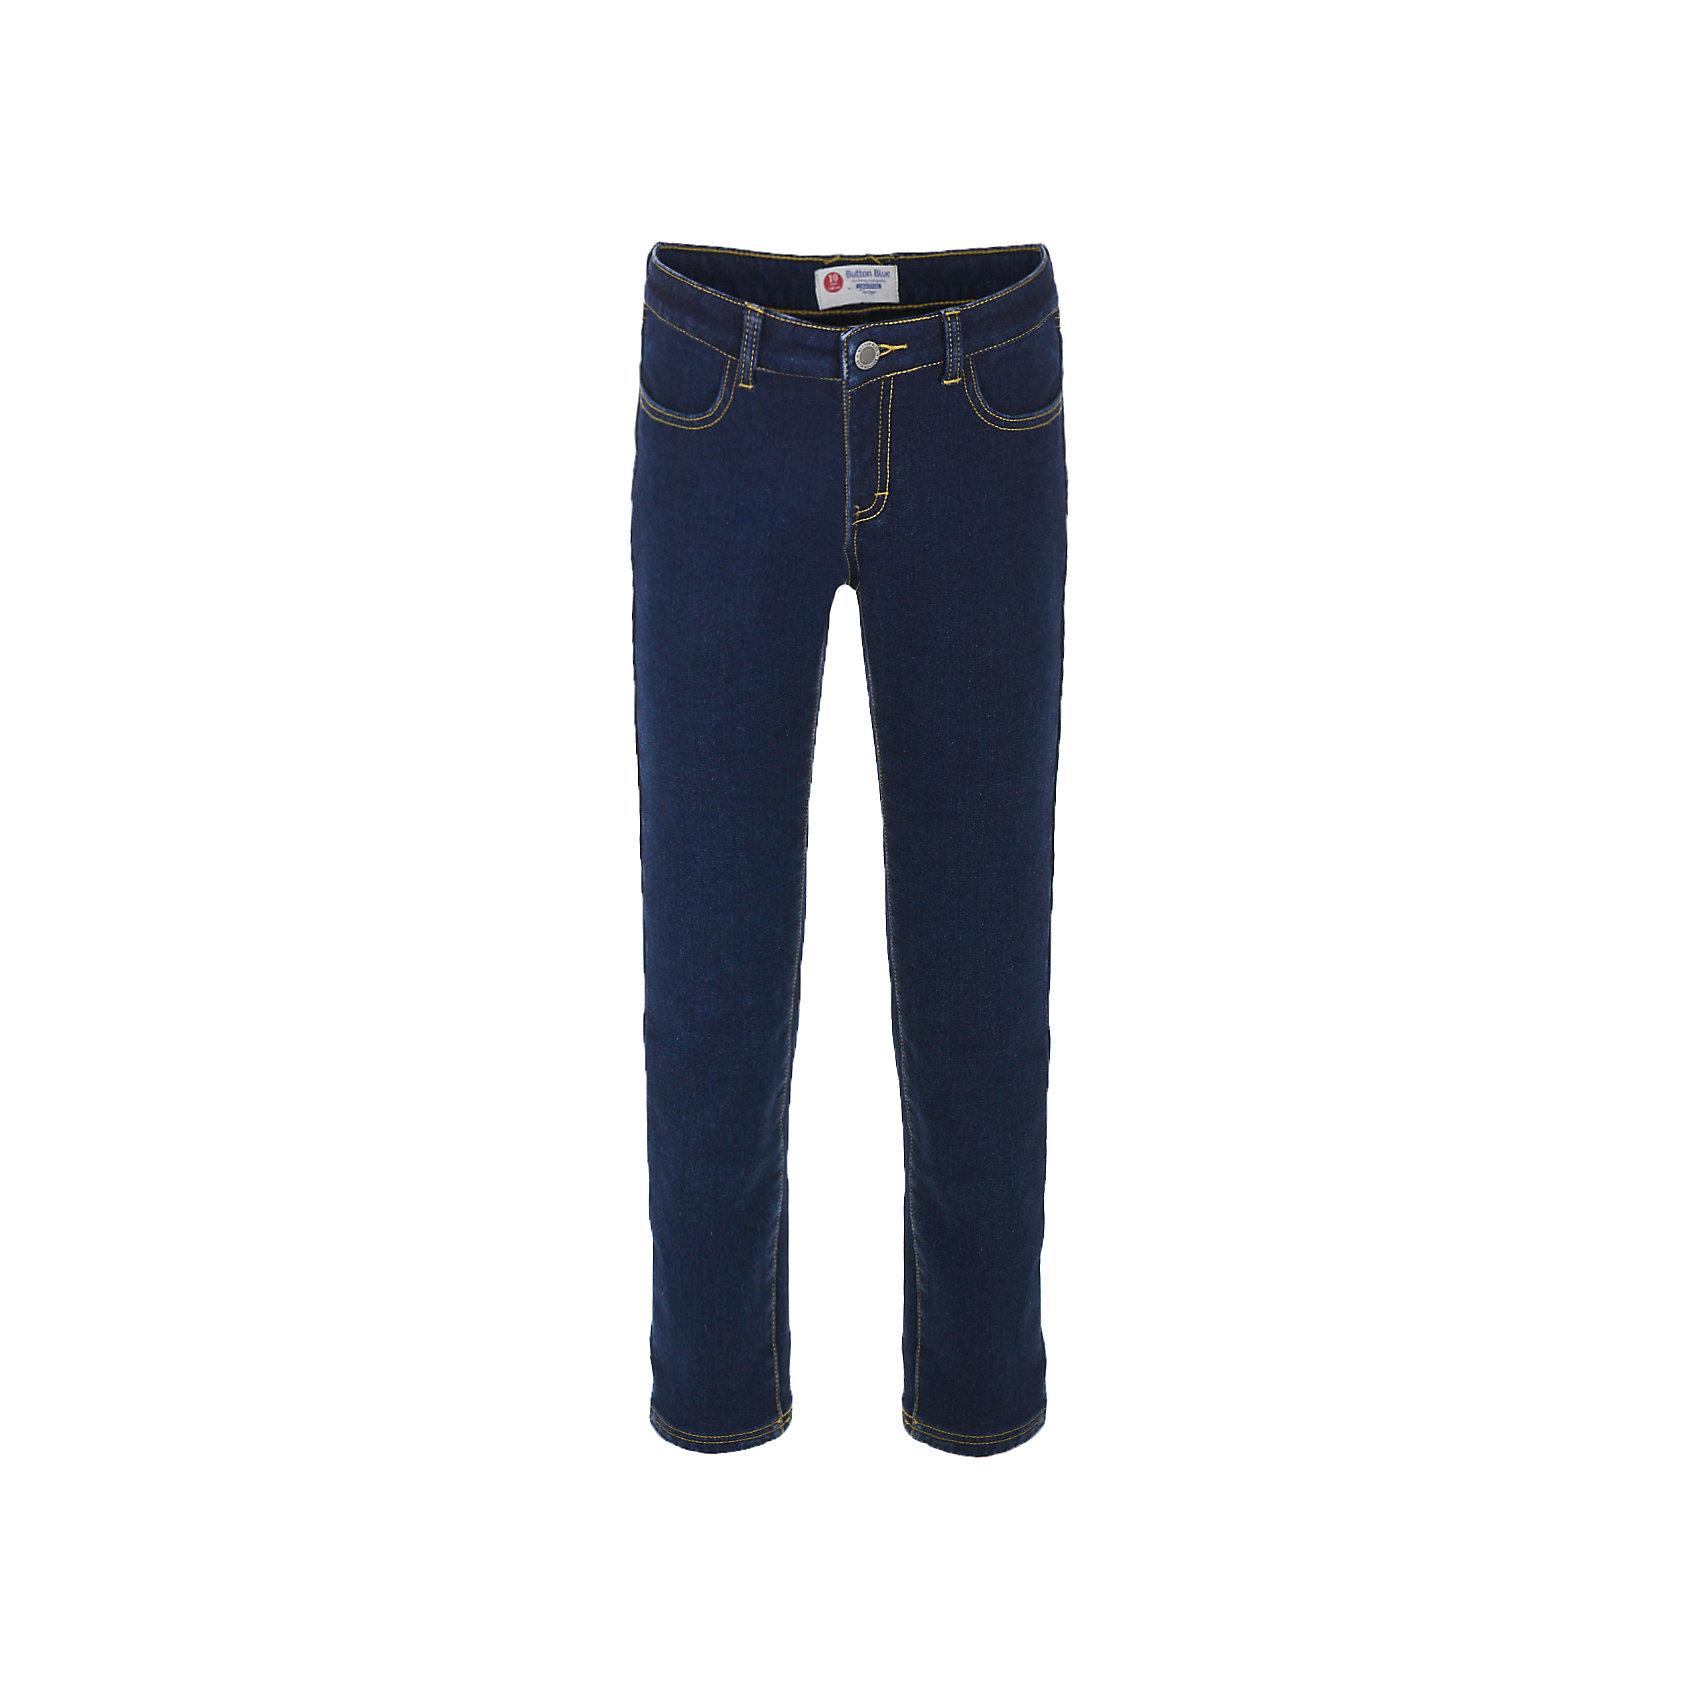 Джинсы Button Blue для девочкиДжинсы<br>Характеристики товара:<br><br>• цвет: темно-синий;<br>• состав: 54% хлопок 44,5% полиэстер 1,5% эластан;<br>• подкладка: 100% полиэстер, флис;<br>• сезон: зима, демисезон;<br>• особенности: на флисе, теплые;<br>• застежка: ширинка на молнии и пуговица;<br>• внутренняя регулировка талии;<br>• два накладных кармана сзади;<br>• два кармана спереди;<br>• страна бренда: Россия;<br>• страна изготовитель: Китай.<br><br>Джинсы на флисе для девочки. Теплые джинсы застегиваются на ширинку на молнии и пуговицу, талия внутри регулируется при помощи резинки с пуговицей. Джинсы с карманами.<br><br>Джинсы Button Blue (Баттон Блю) можно купить в нашем интернет-магазине.<br><br>Ширина мм: 215<br>Глубина мм: 88<br>Высота мм: 191<br>Вес г: 336<br>Цвет: темно-синий<br>Возраст от месяцев: 144<br>Возраст до месяцев: 156<br>Пол: Женский<br>Возраст: Детский<br>Размер: 158,98,104,110,116,122,128,134,140,146,152<br>SKU: 7037853